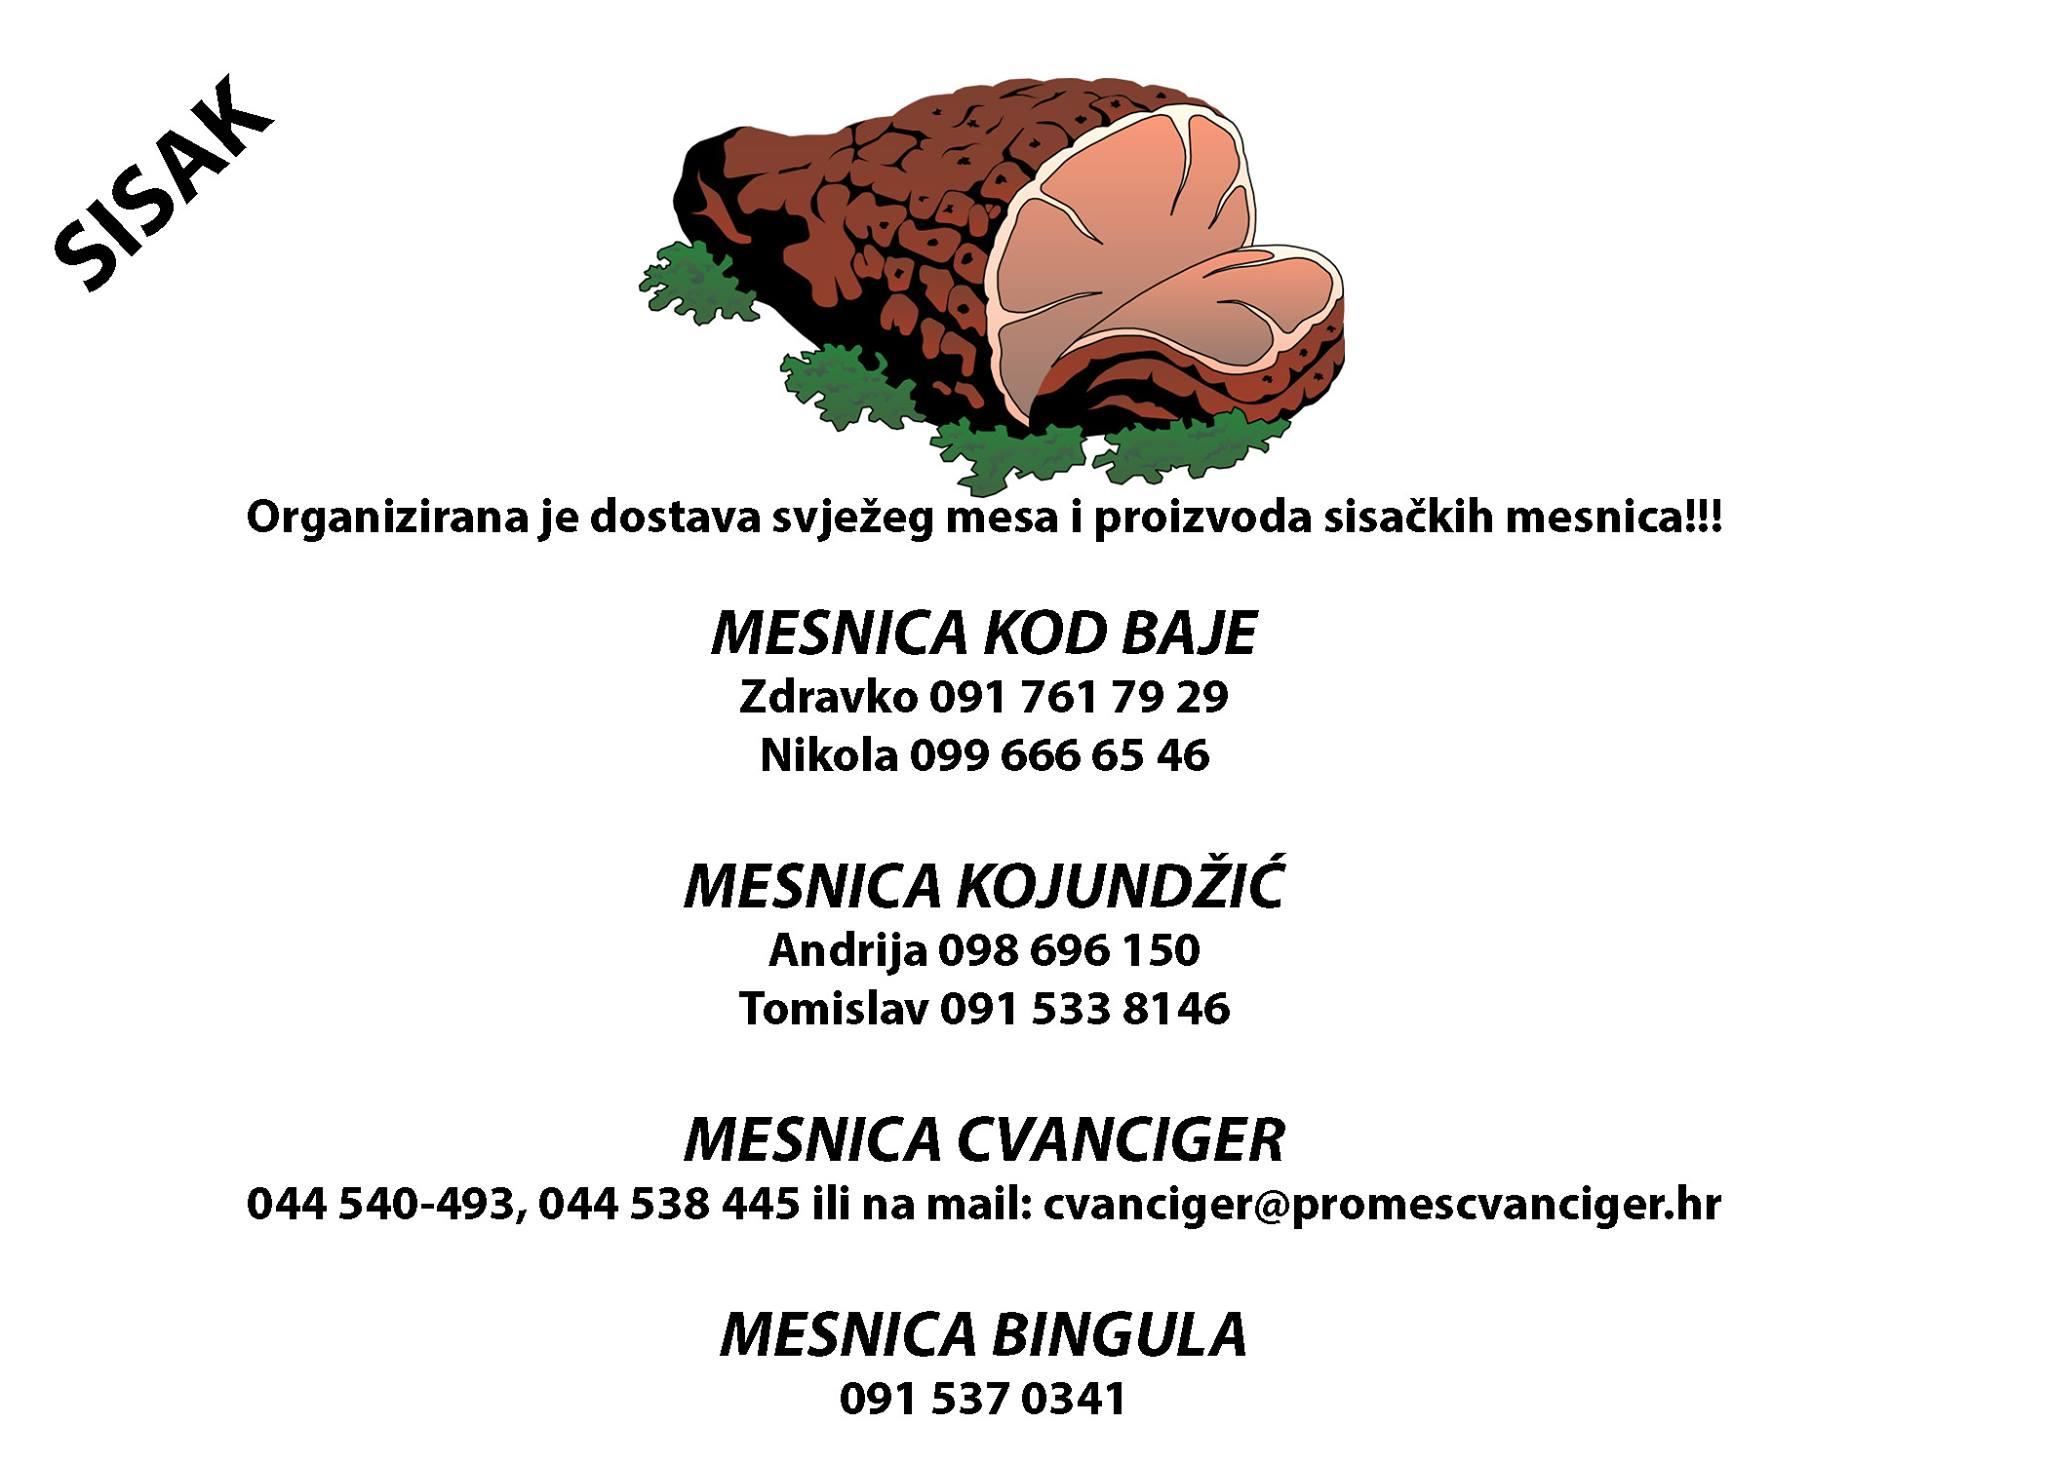 Organizirana je dostava svježeg mesa i proizvoda sisačkih mesnica!!!